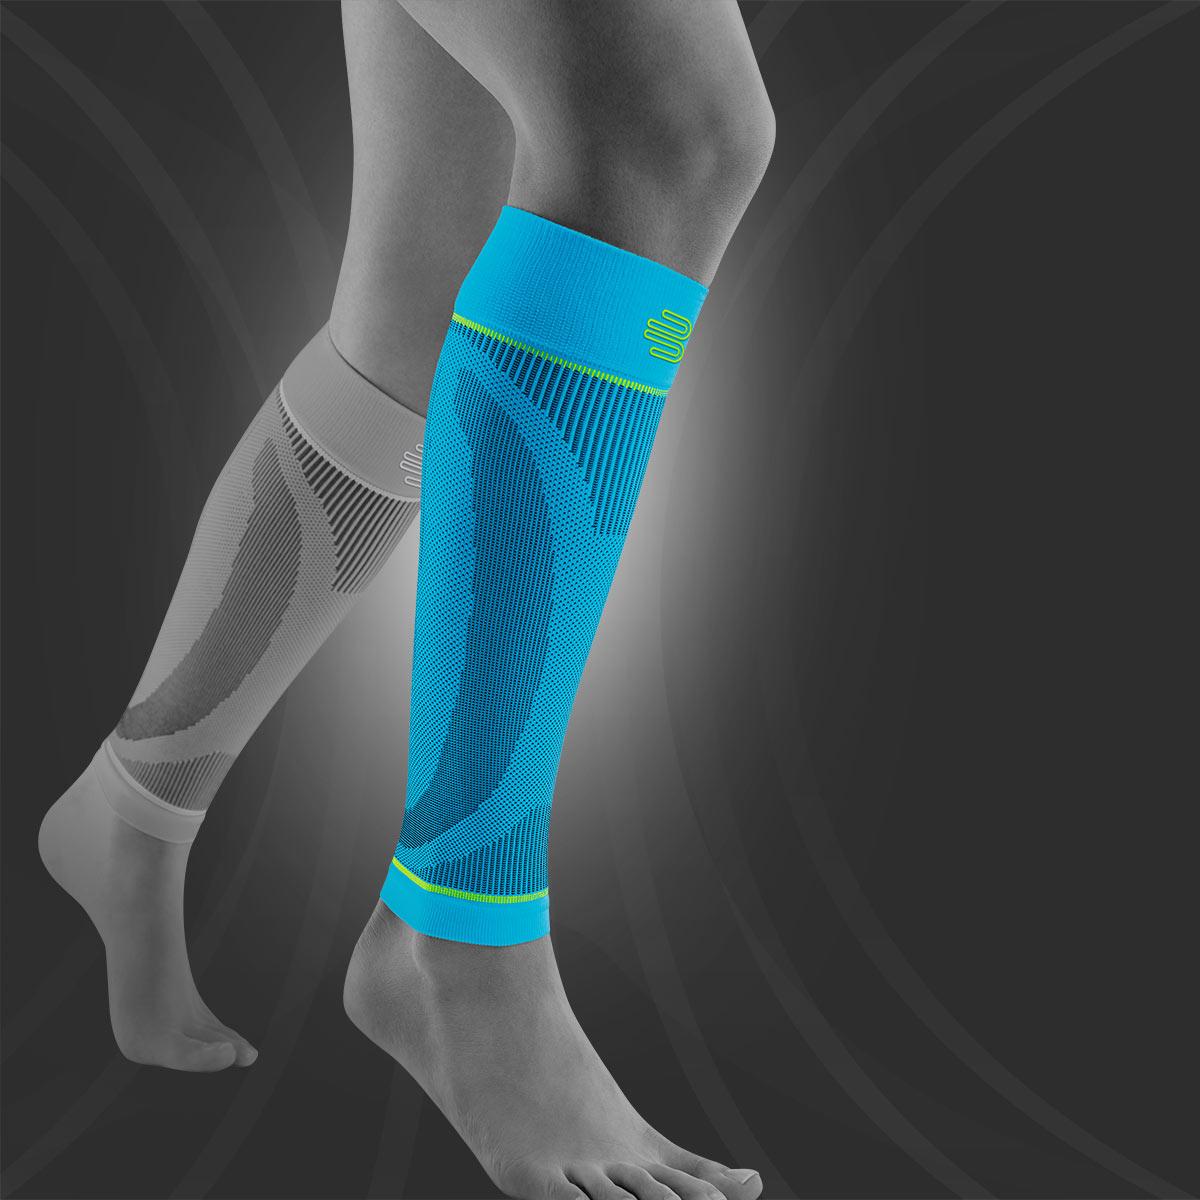 """Unisex Bauerfeind Kompressions-Wadenbandage /""""Sports Compression Sleeves Lower Leg/"""" Beinstulpen f/ür Ball- /& Ausdauersportarten 1 Paar Sleeves f/ür die Waden"""